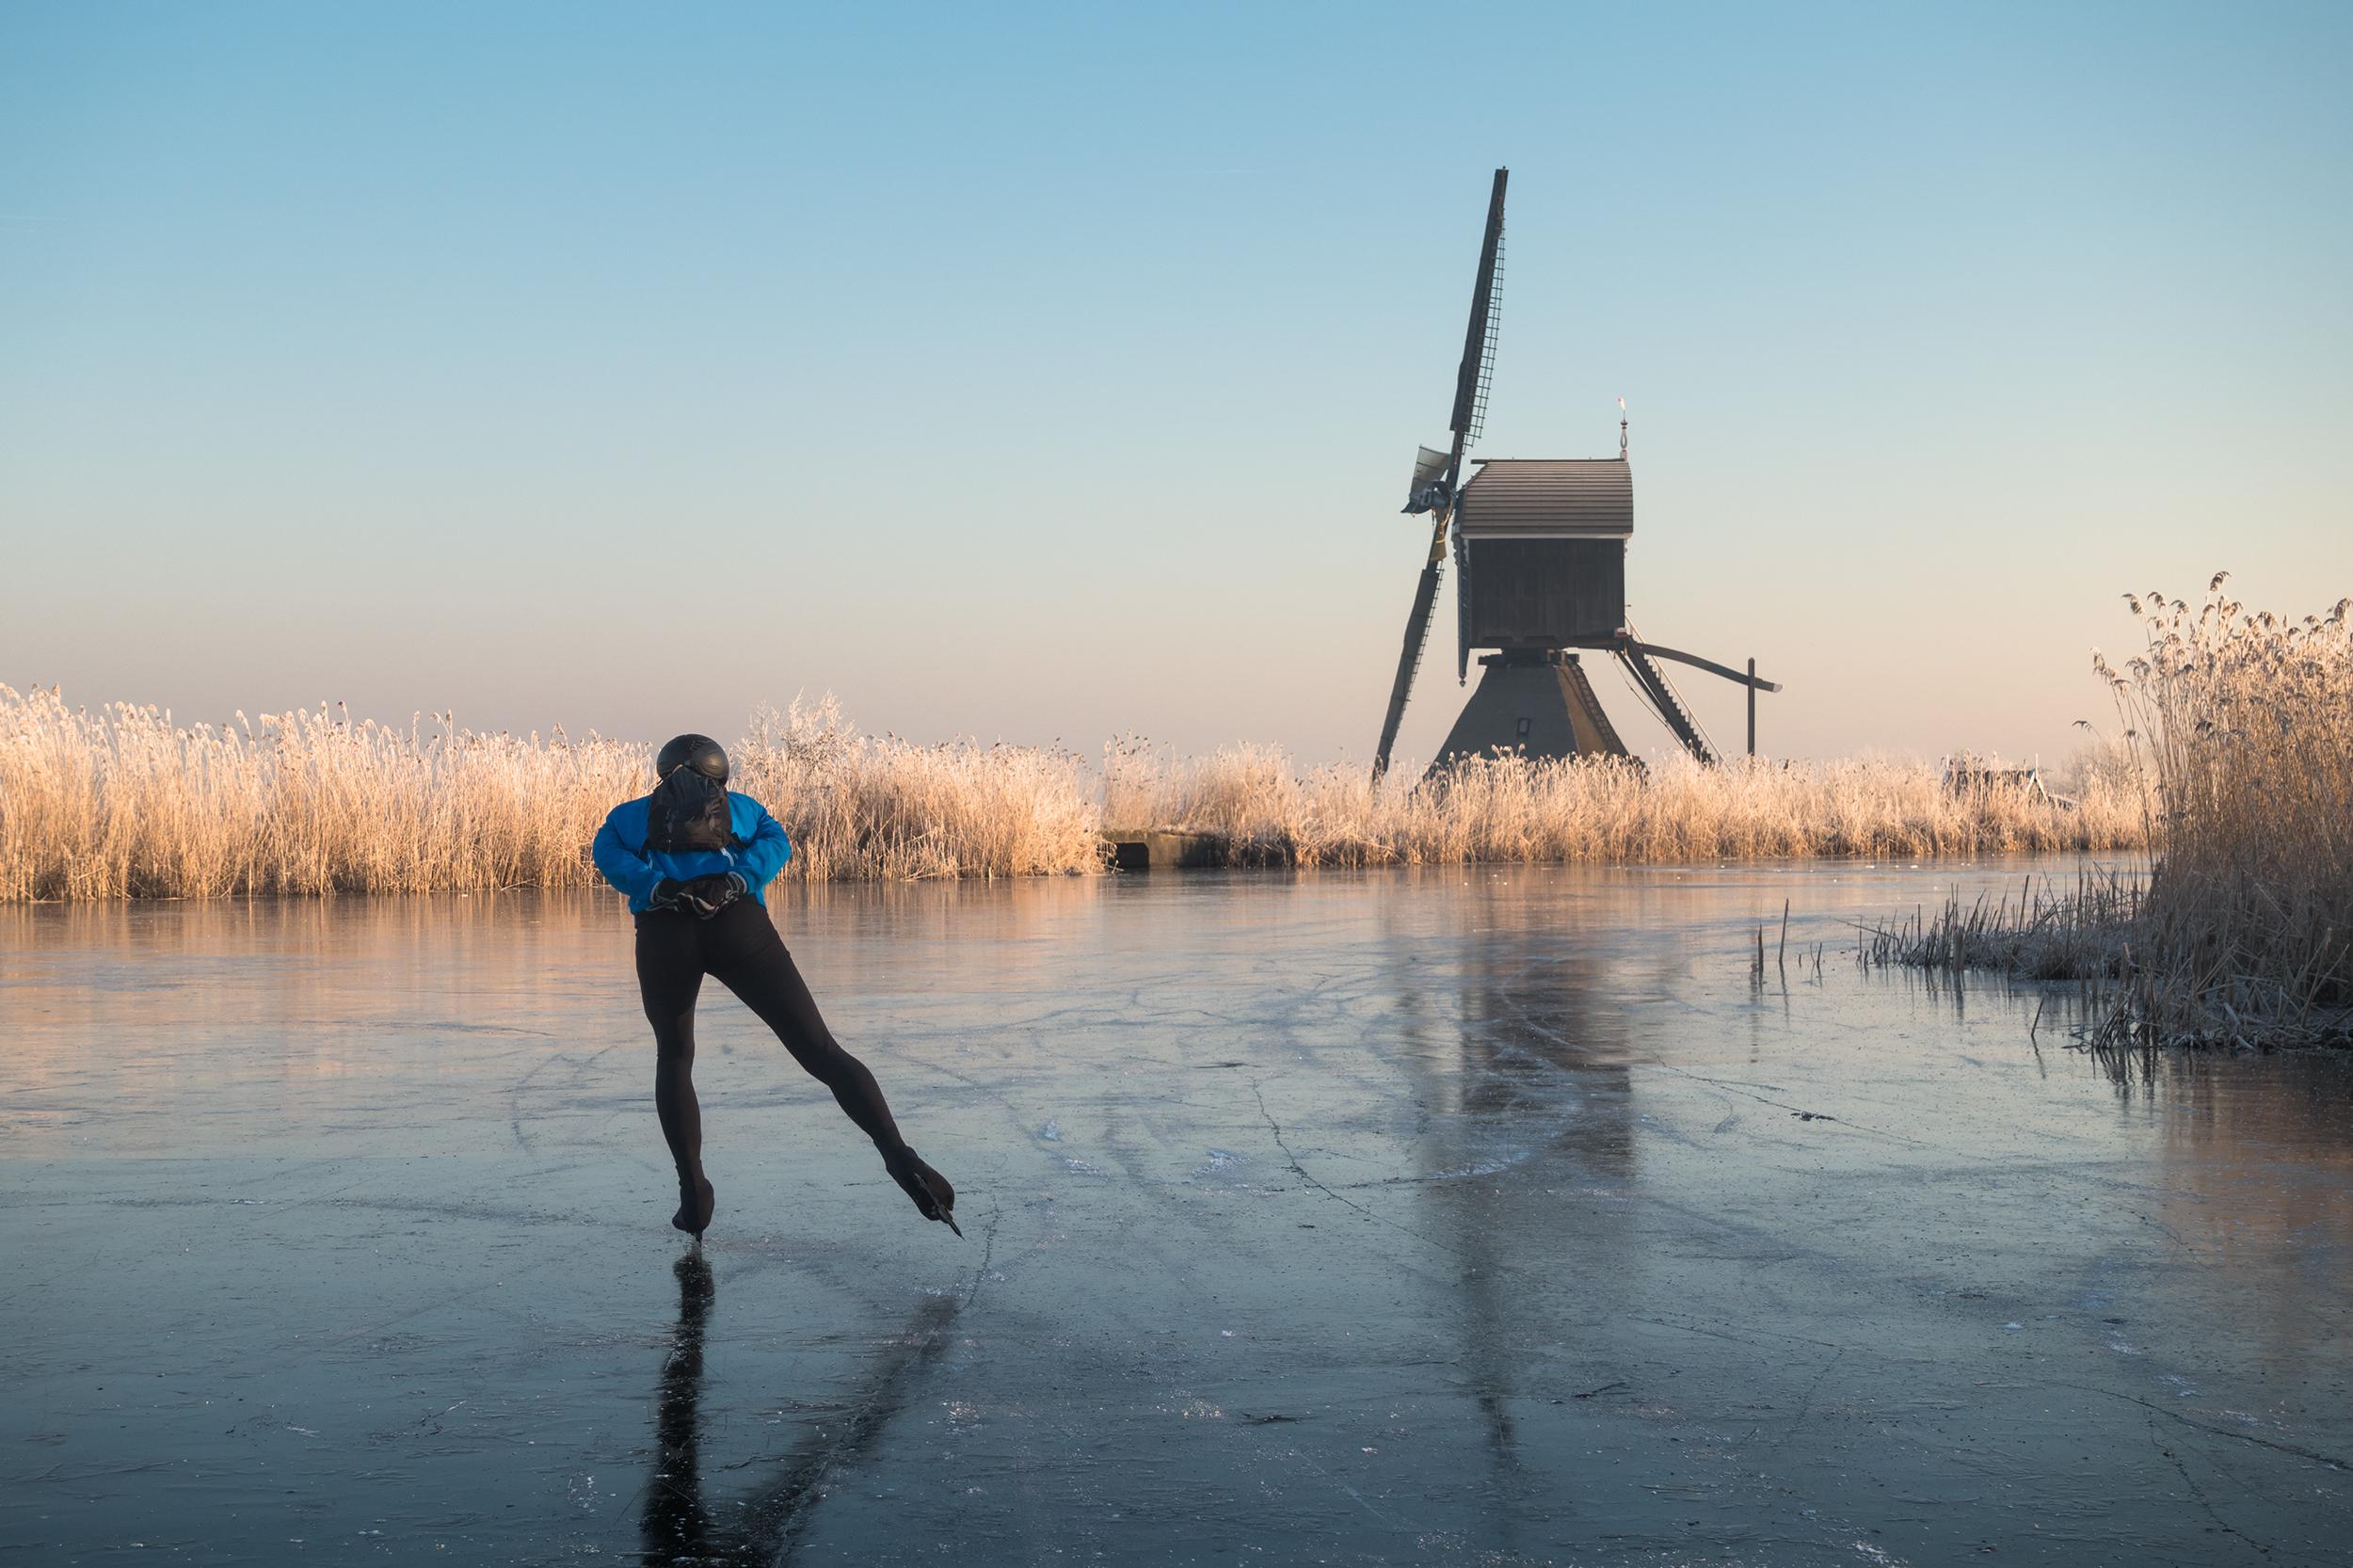 Una carrera sobre hielo de lo más curiosa - Francia Circuito París, Bruselas, Ámsterdam y Frankfurt